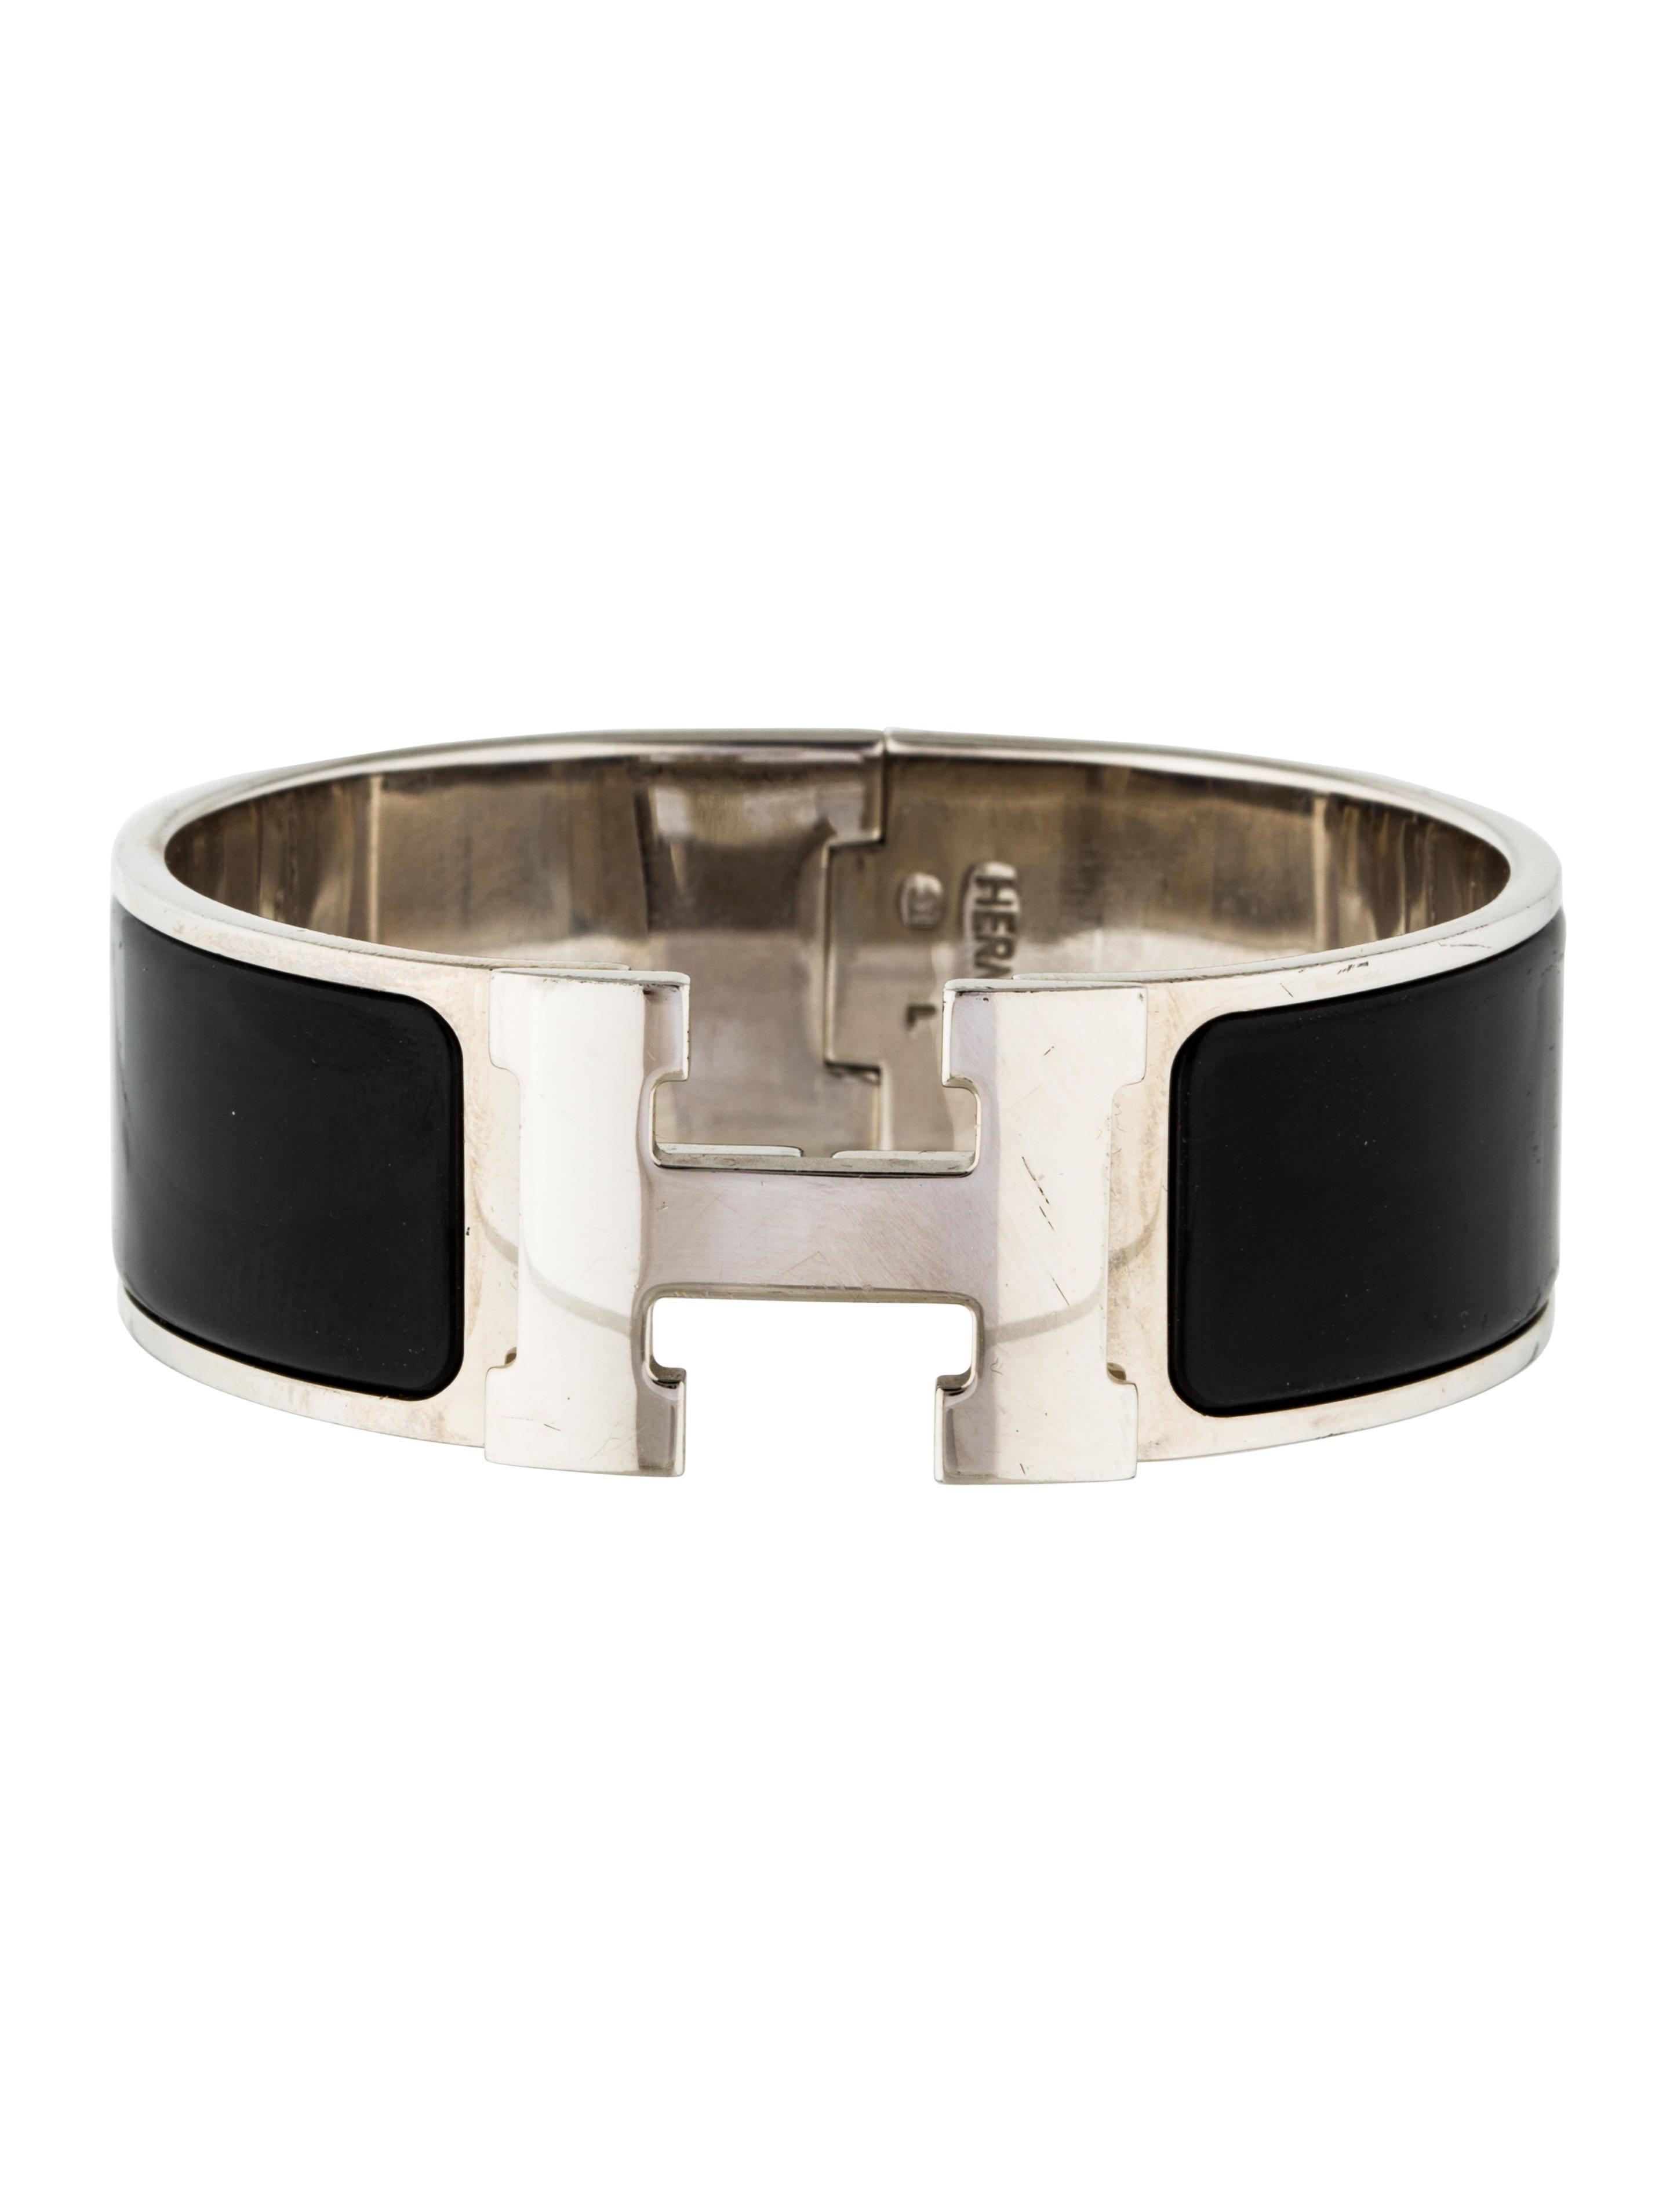 herm s wide clic clac h bracelet bracelets her102228. Black Bedroom Furniture Sets. Home Design Ideas